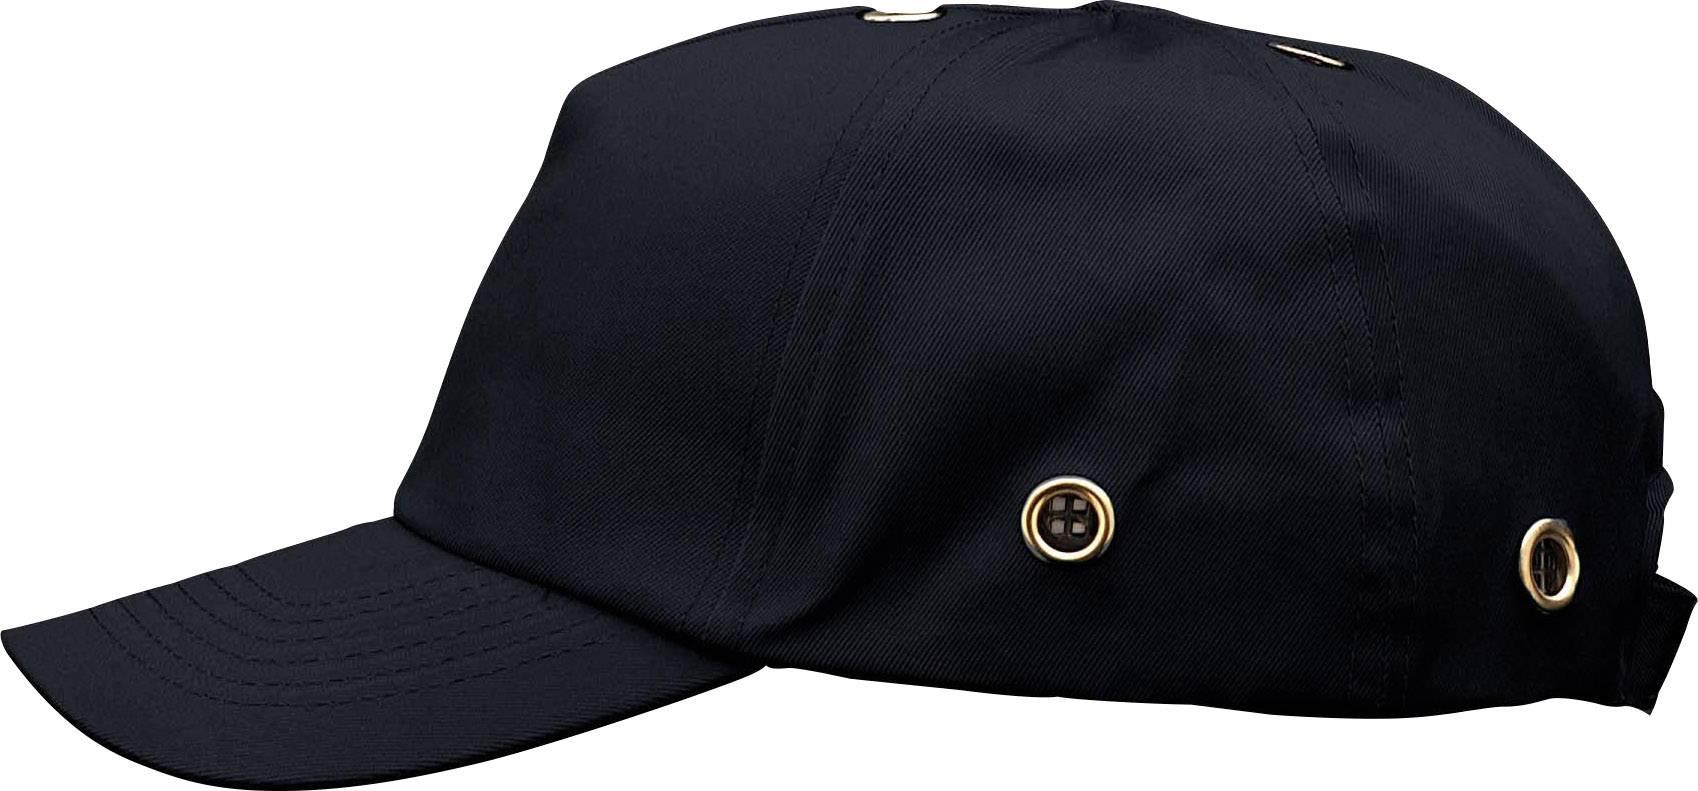 Pracovná čiapka so šiltom Voss Helme VOSS-Cap 2687, čierna